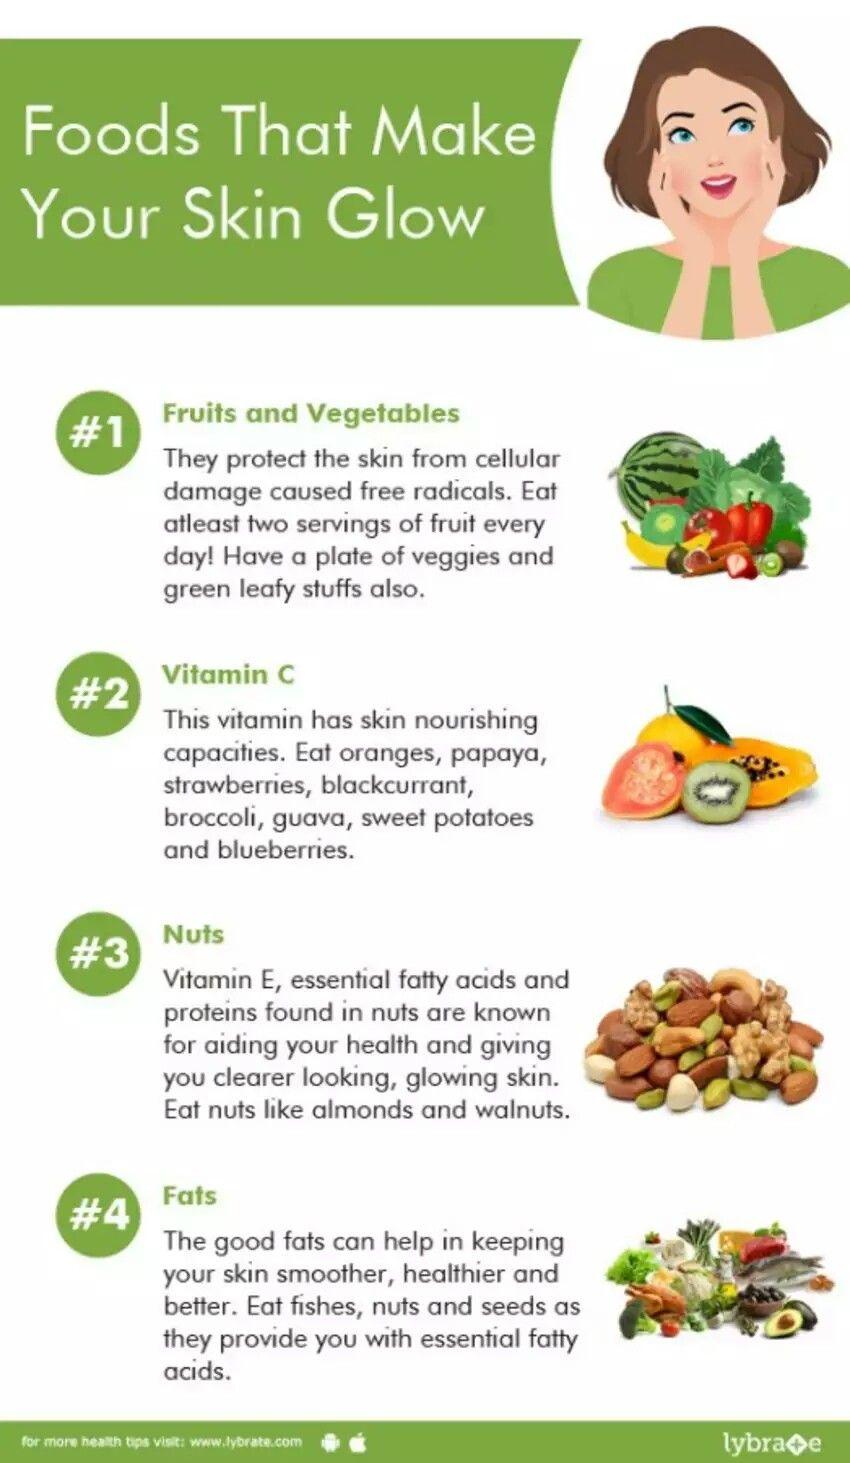 HealthIsWealth HealthMatters Glowing skin diet, Foods